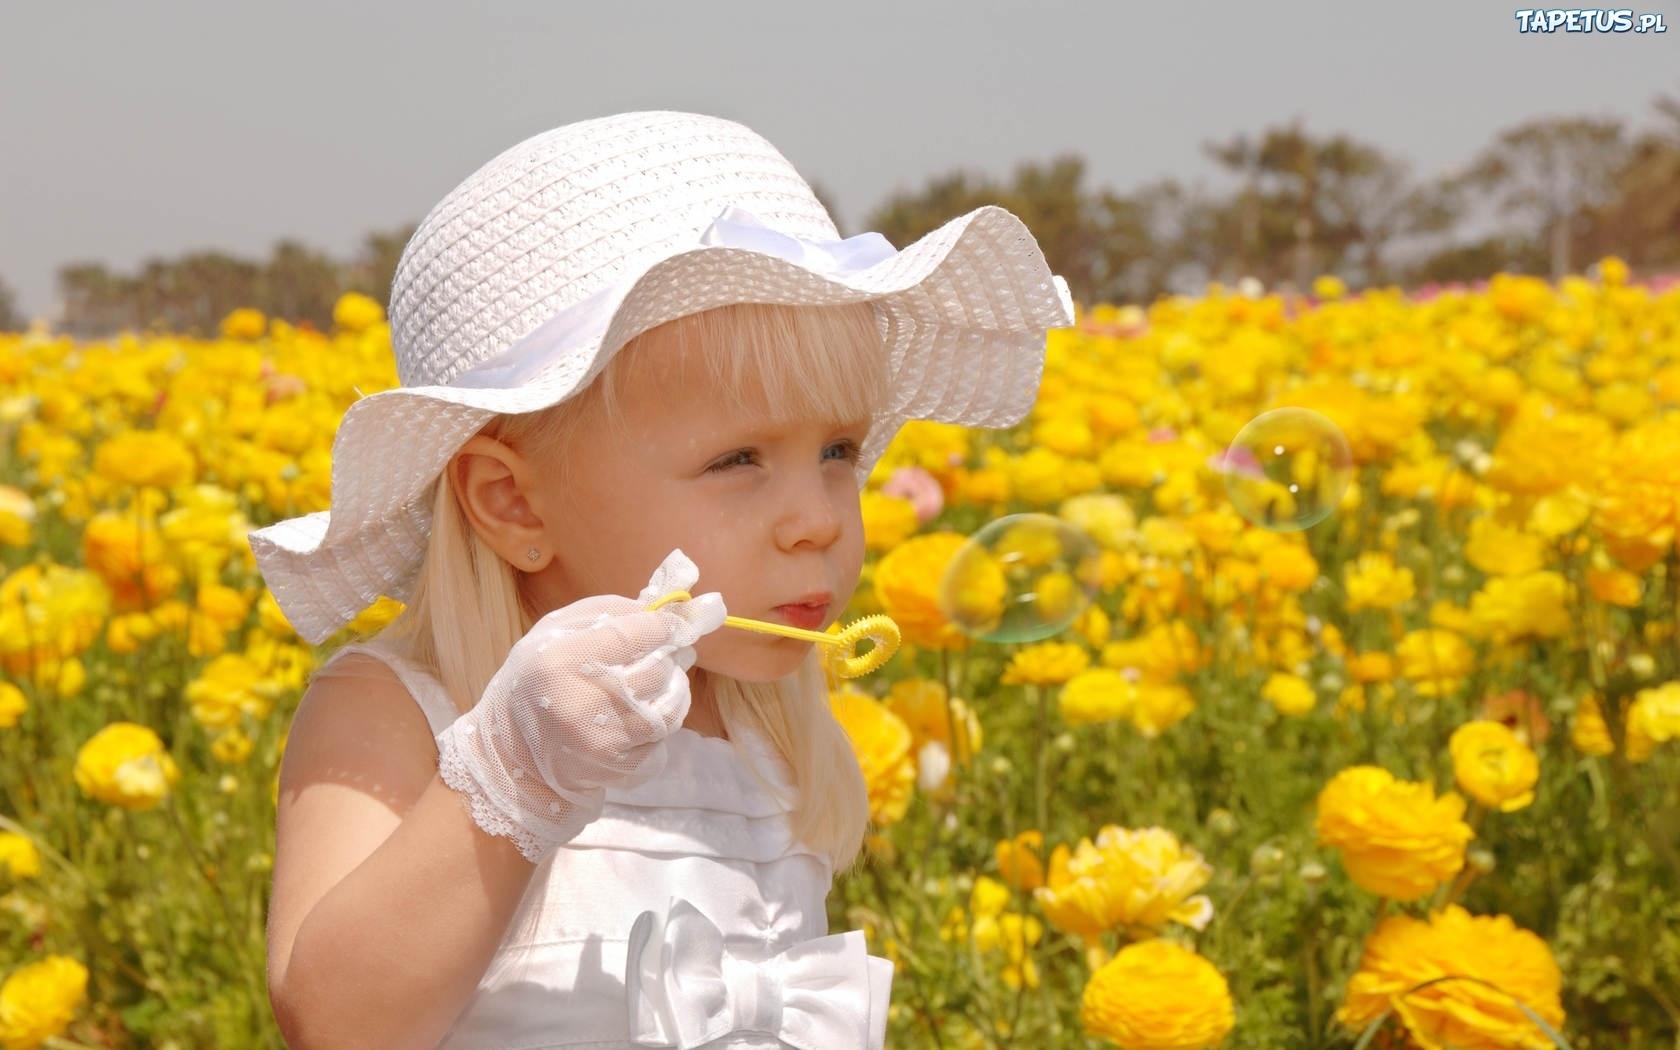 милая девочка с мыльными пузырями  № 1823180 бесплатно